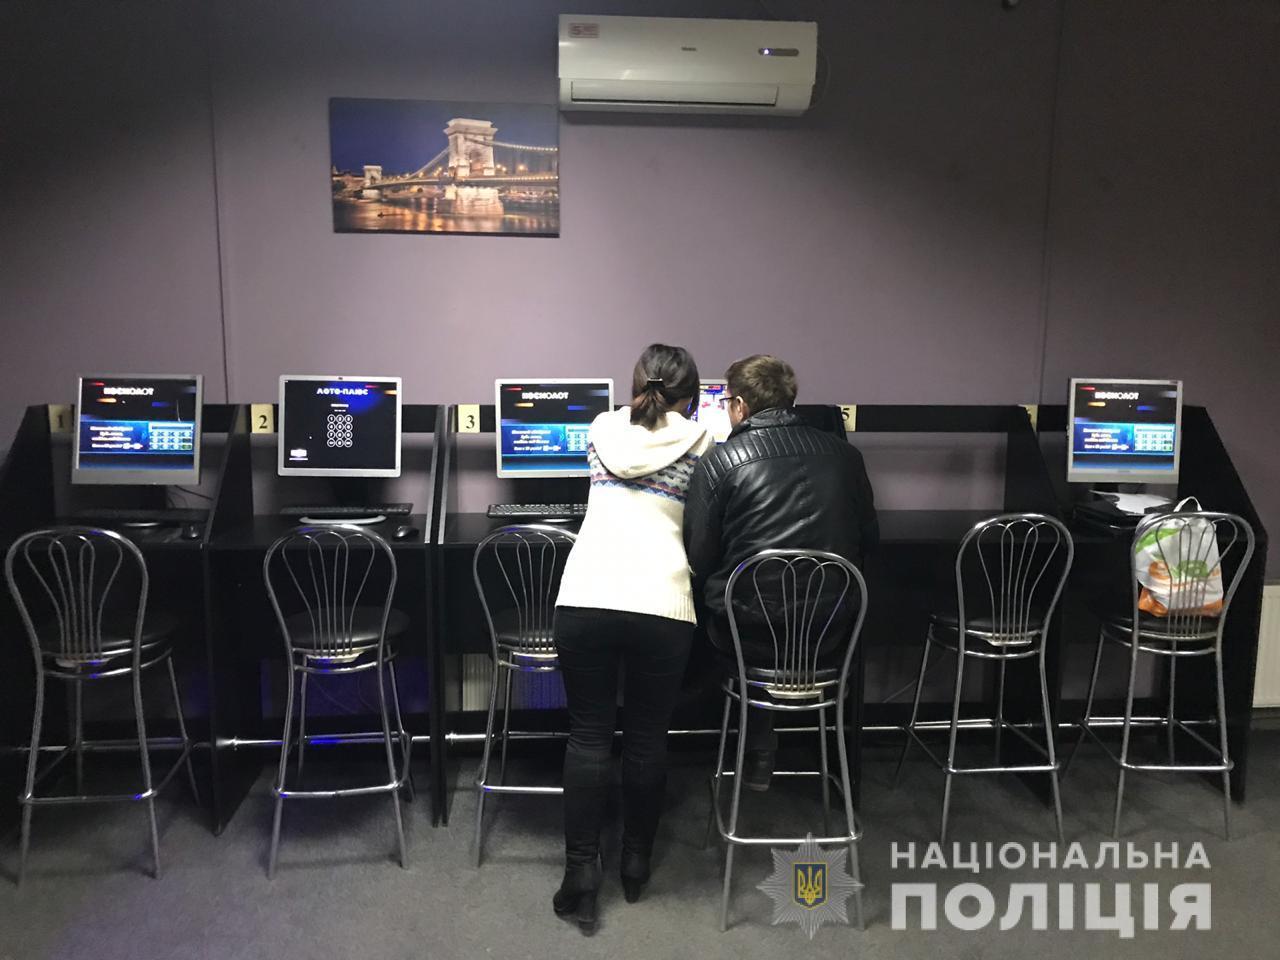 «Game over»: полиция закрыла очередные «игровые автоматы». Новости Днепра